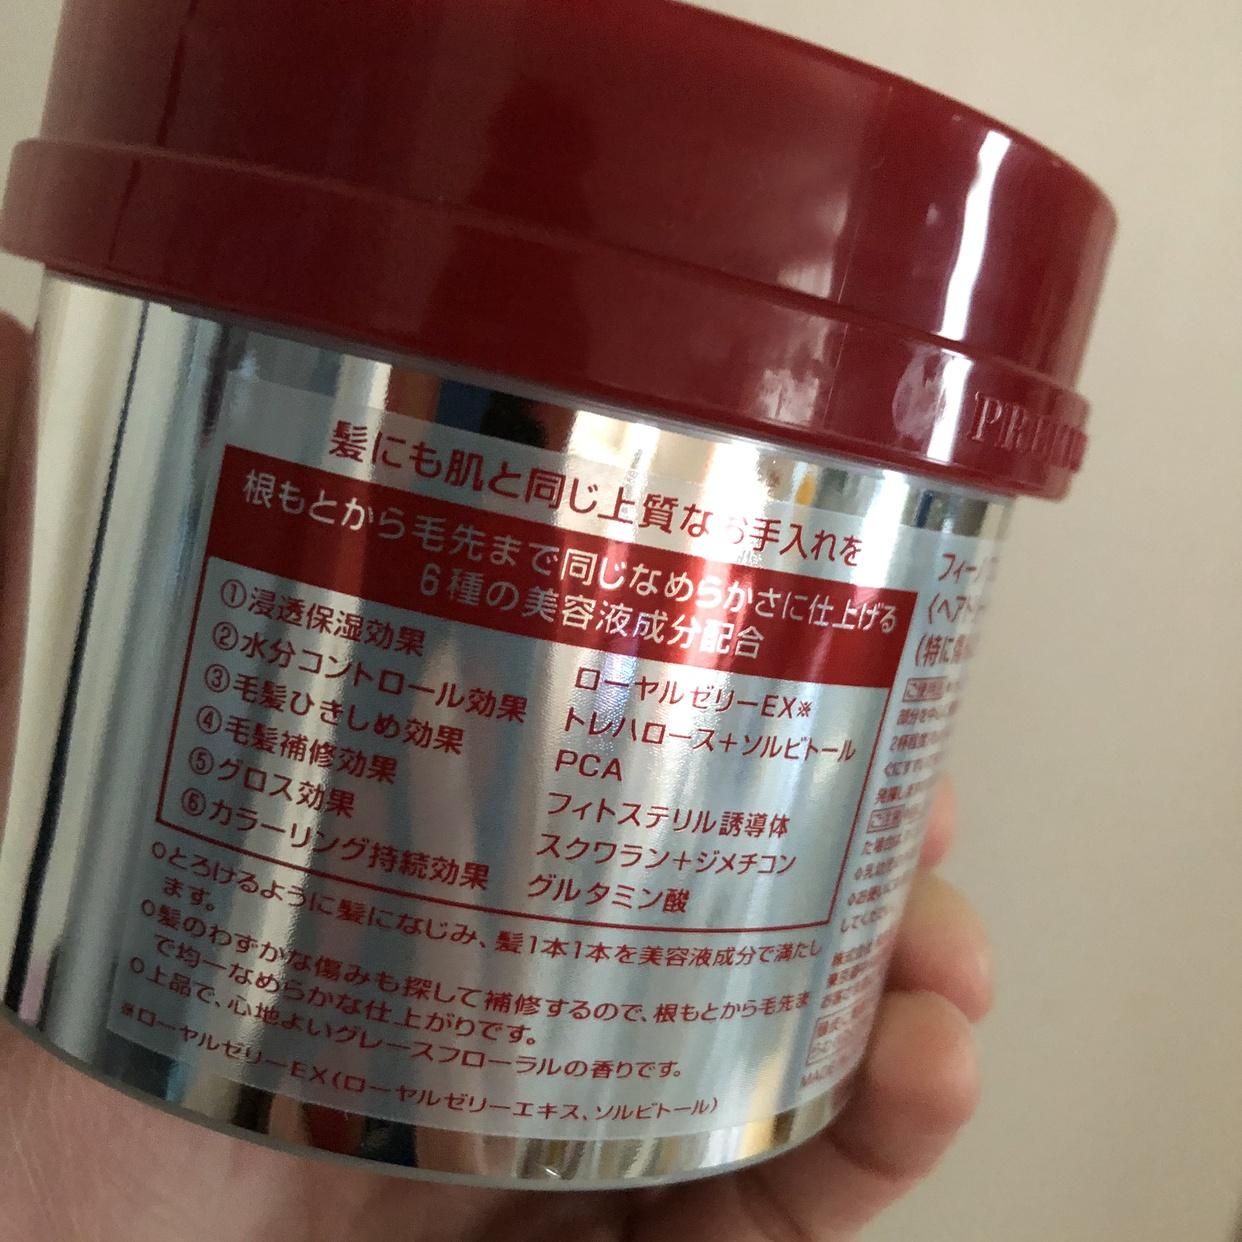 fino(フィーノ) プレミアムタッチ 浸透美容液ヘアマスクを使ったx15256さんのクチコミ画像1